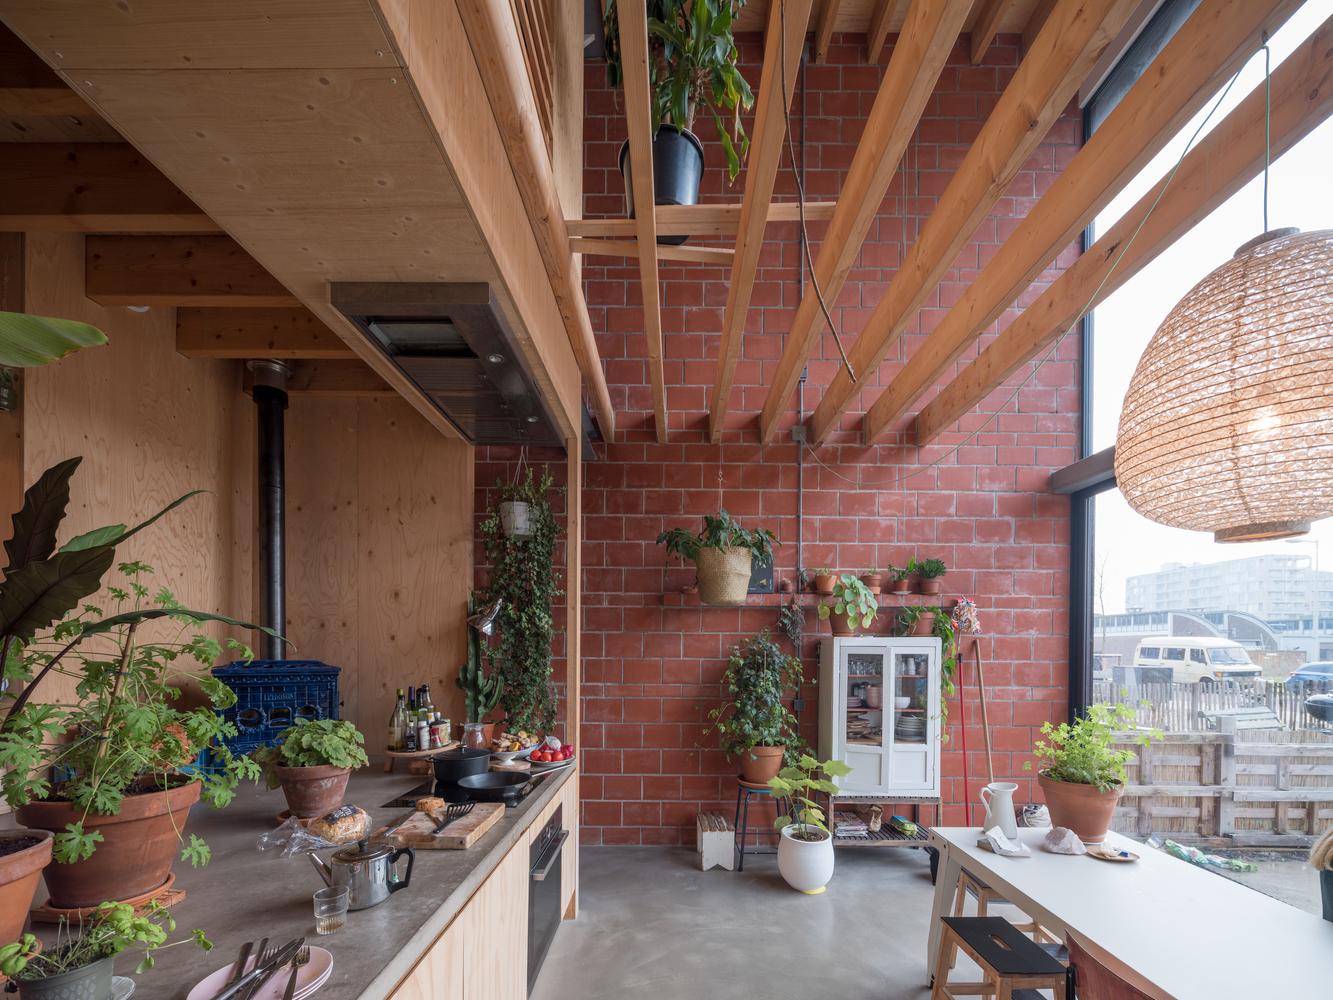 Confort olfativo en la arquitectura y el impacto de los olores en el bienestar,House Buiksloterham / NEXT architects. Image © Ossip van Duivenbode